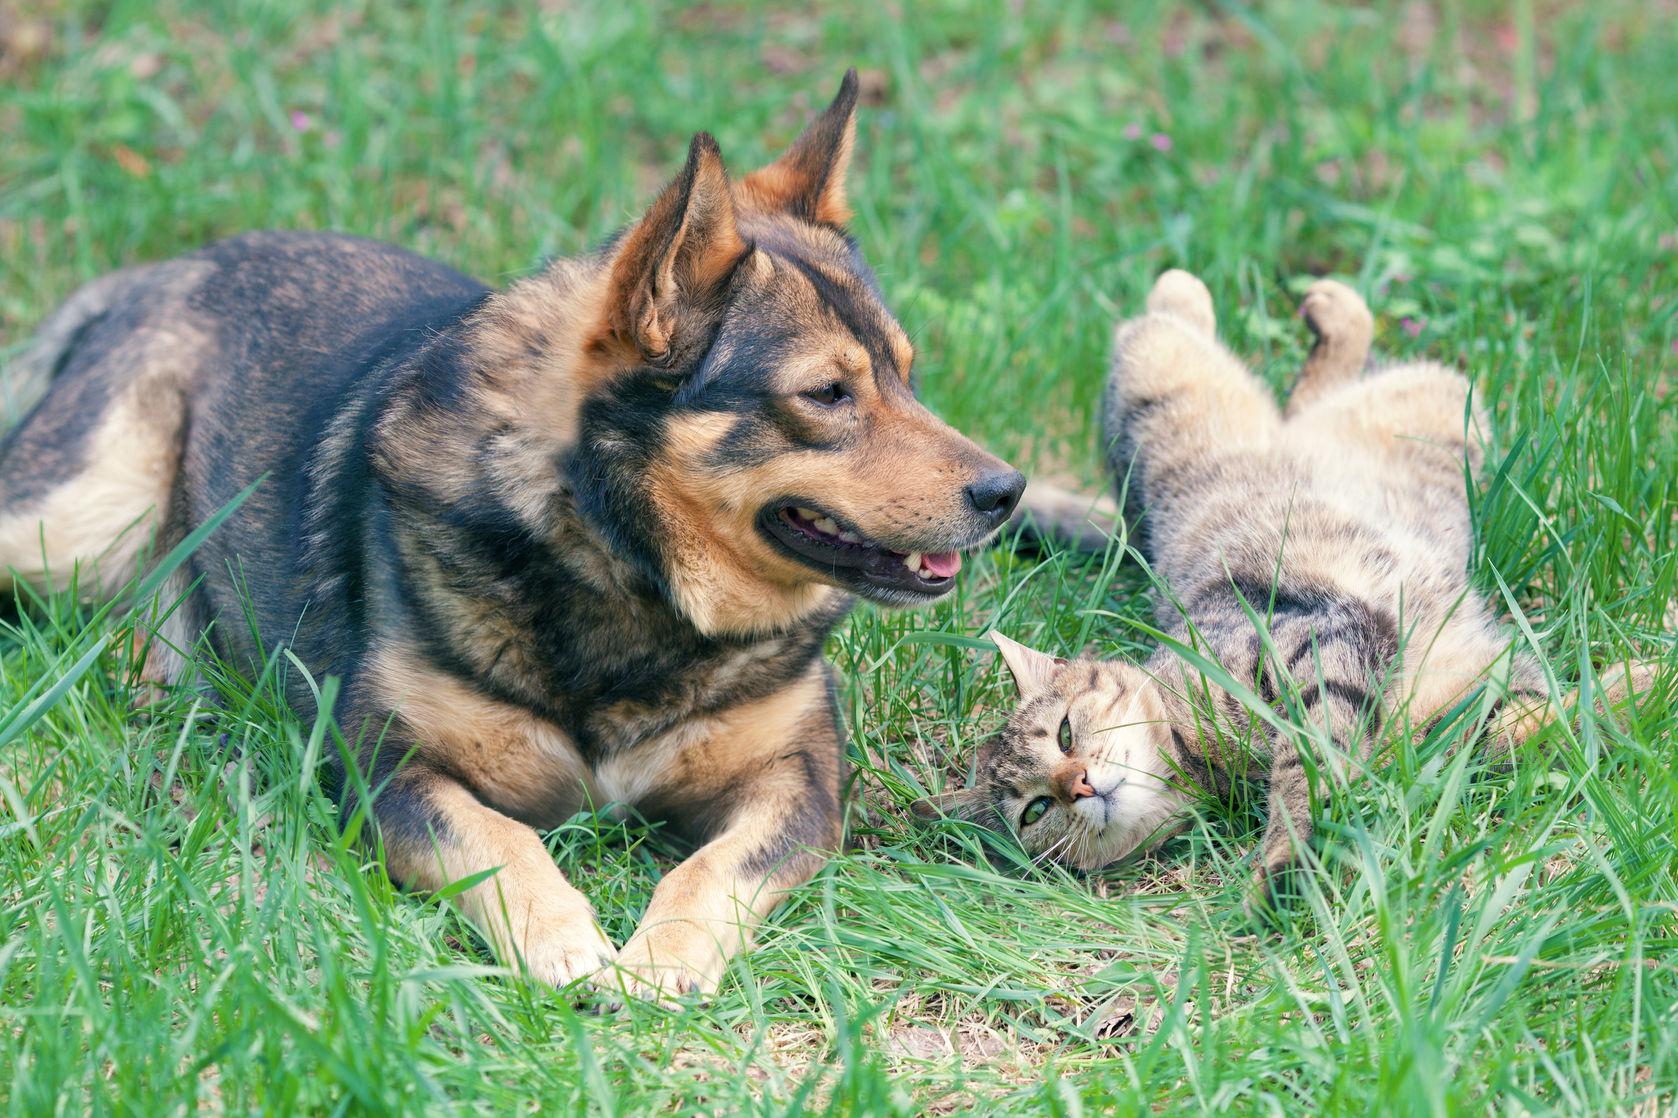 perro y gato jugando juntos gato al aire libre tumbado sobre la espalda